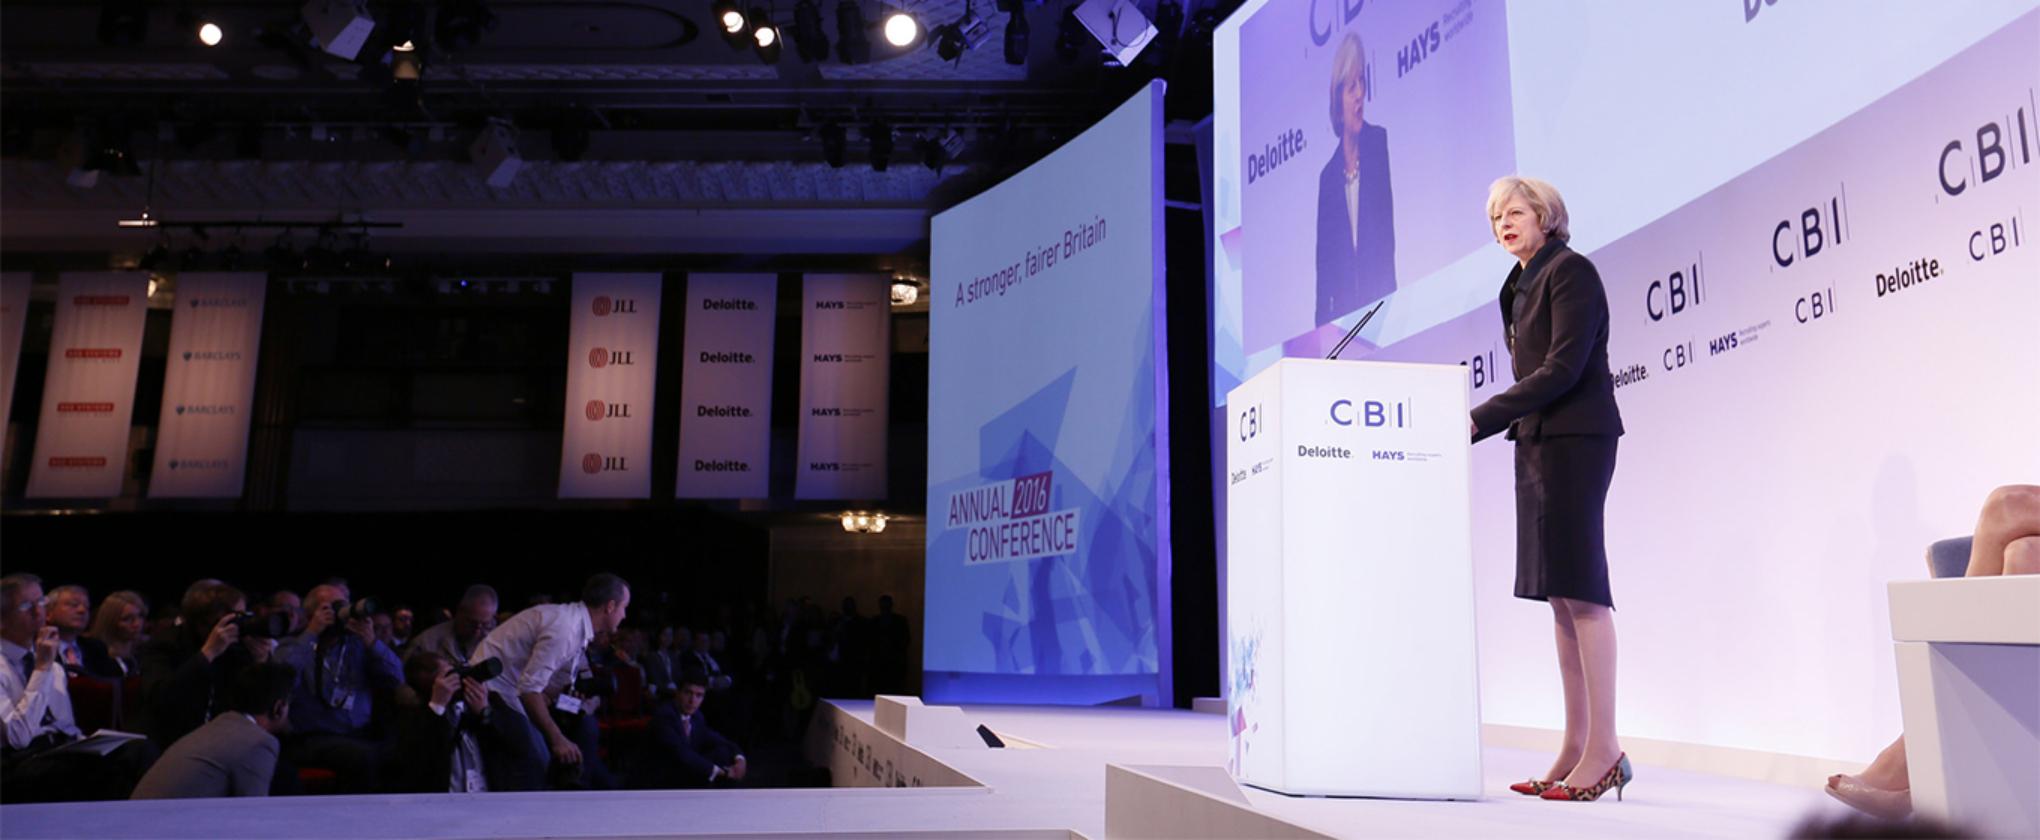 Theresa May Backs British Tech